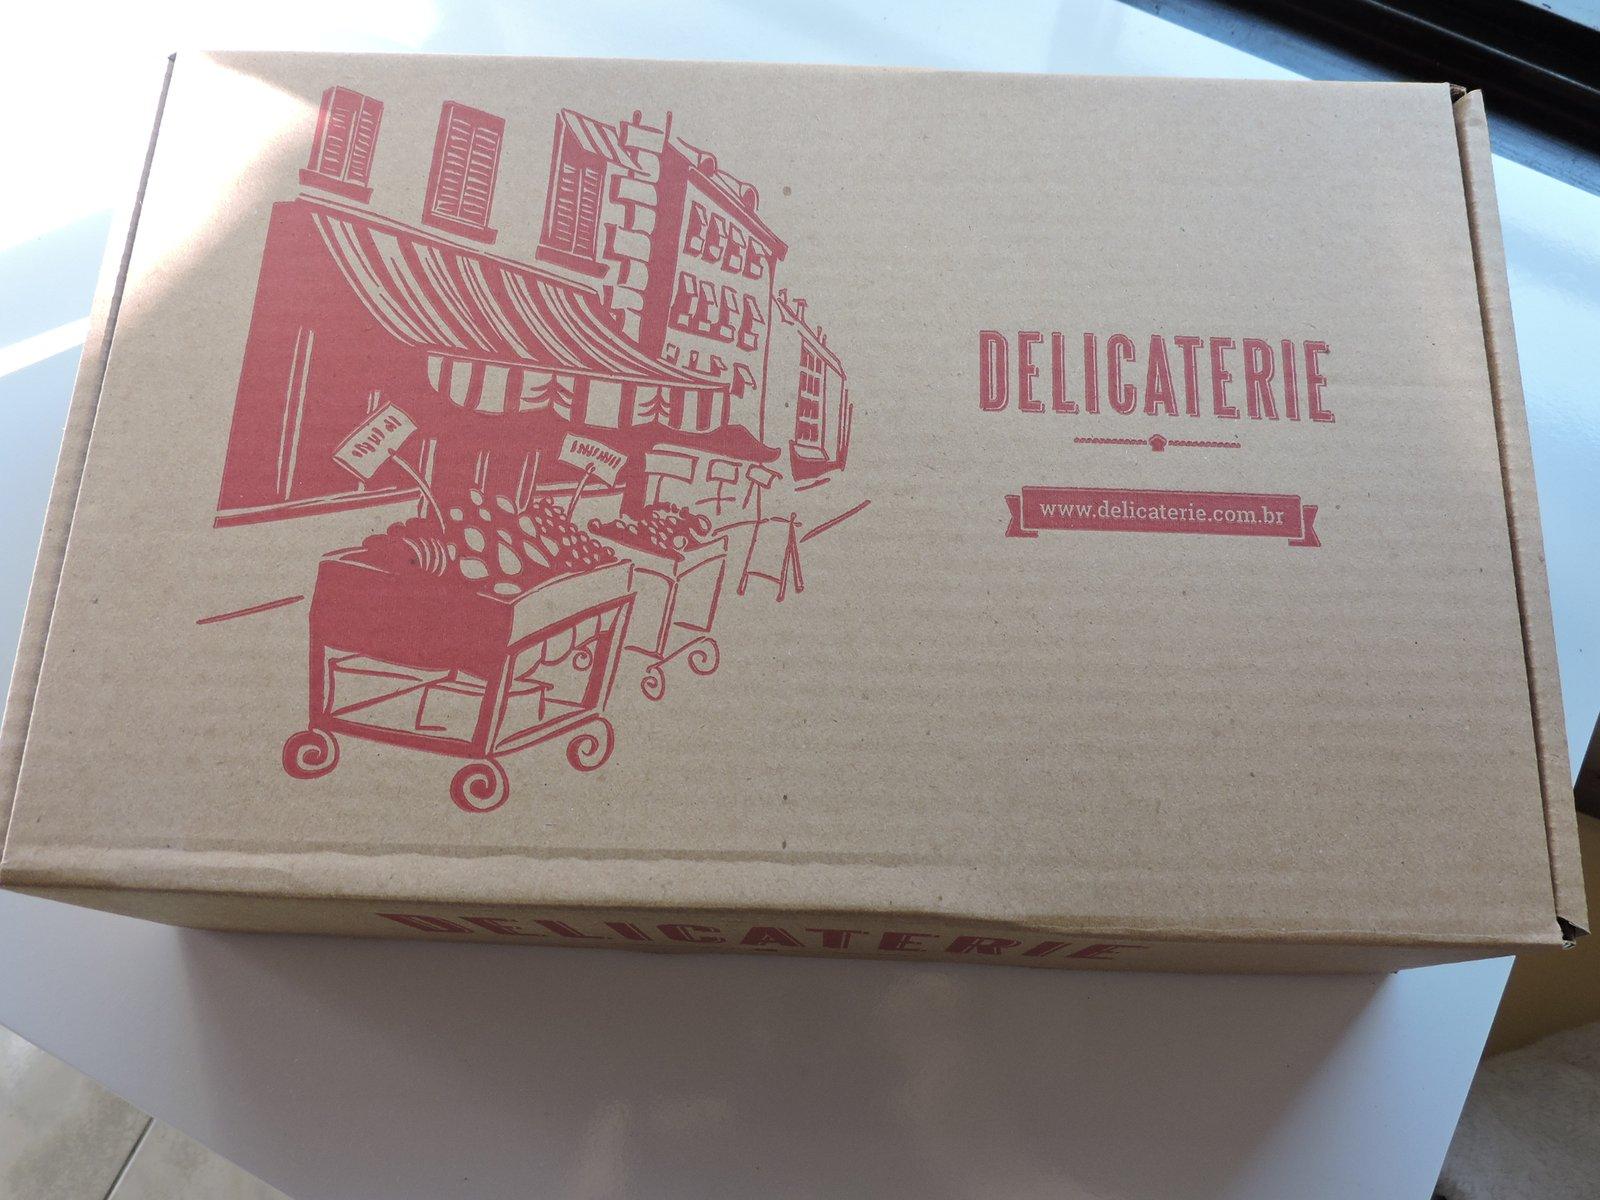 Delicadezas em uma caixa – Delicaterie